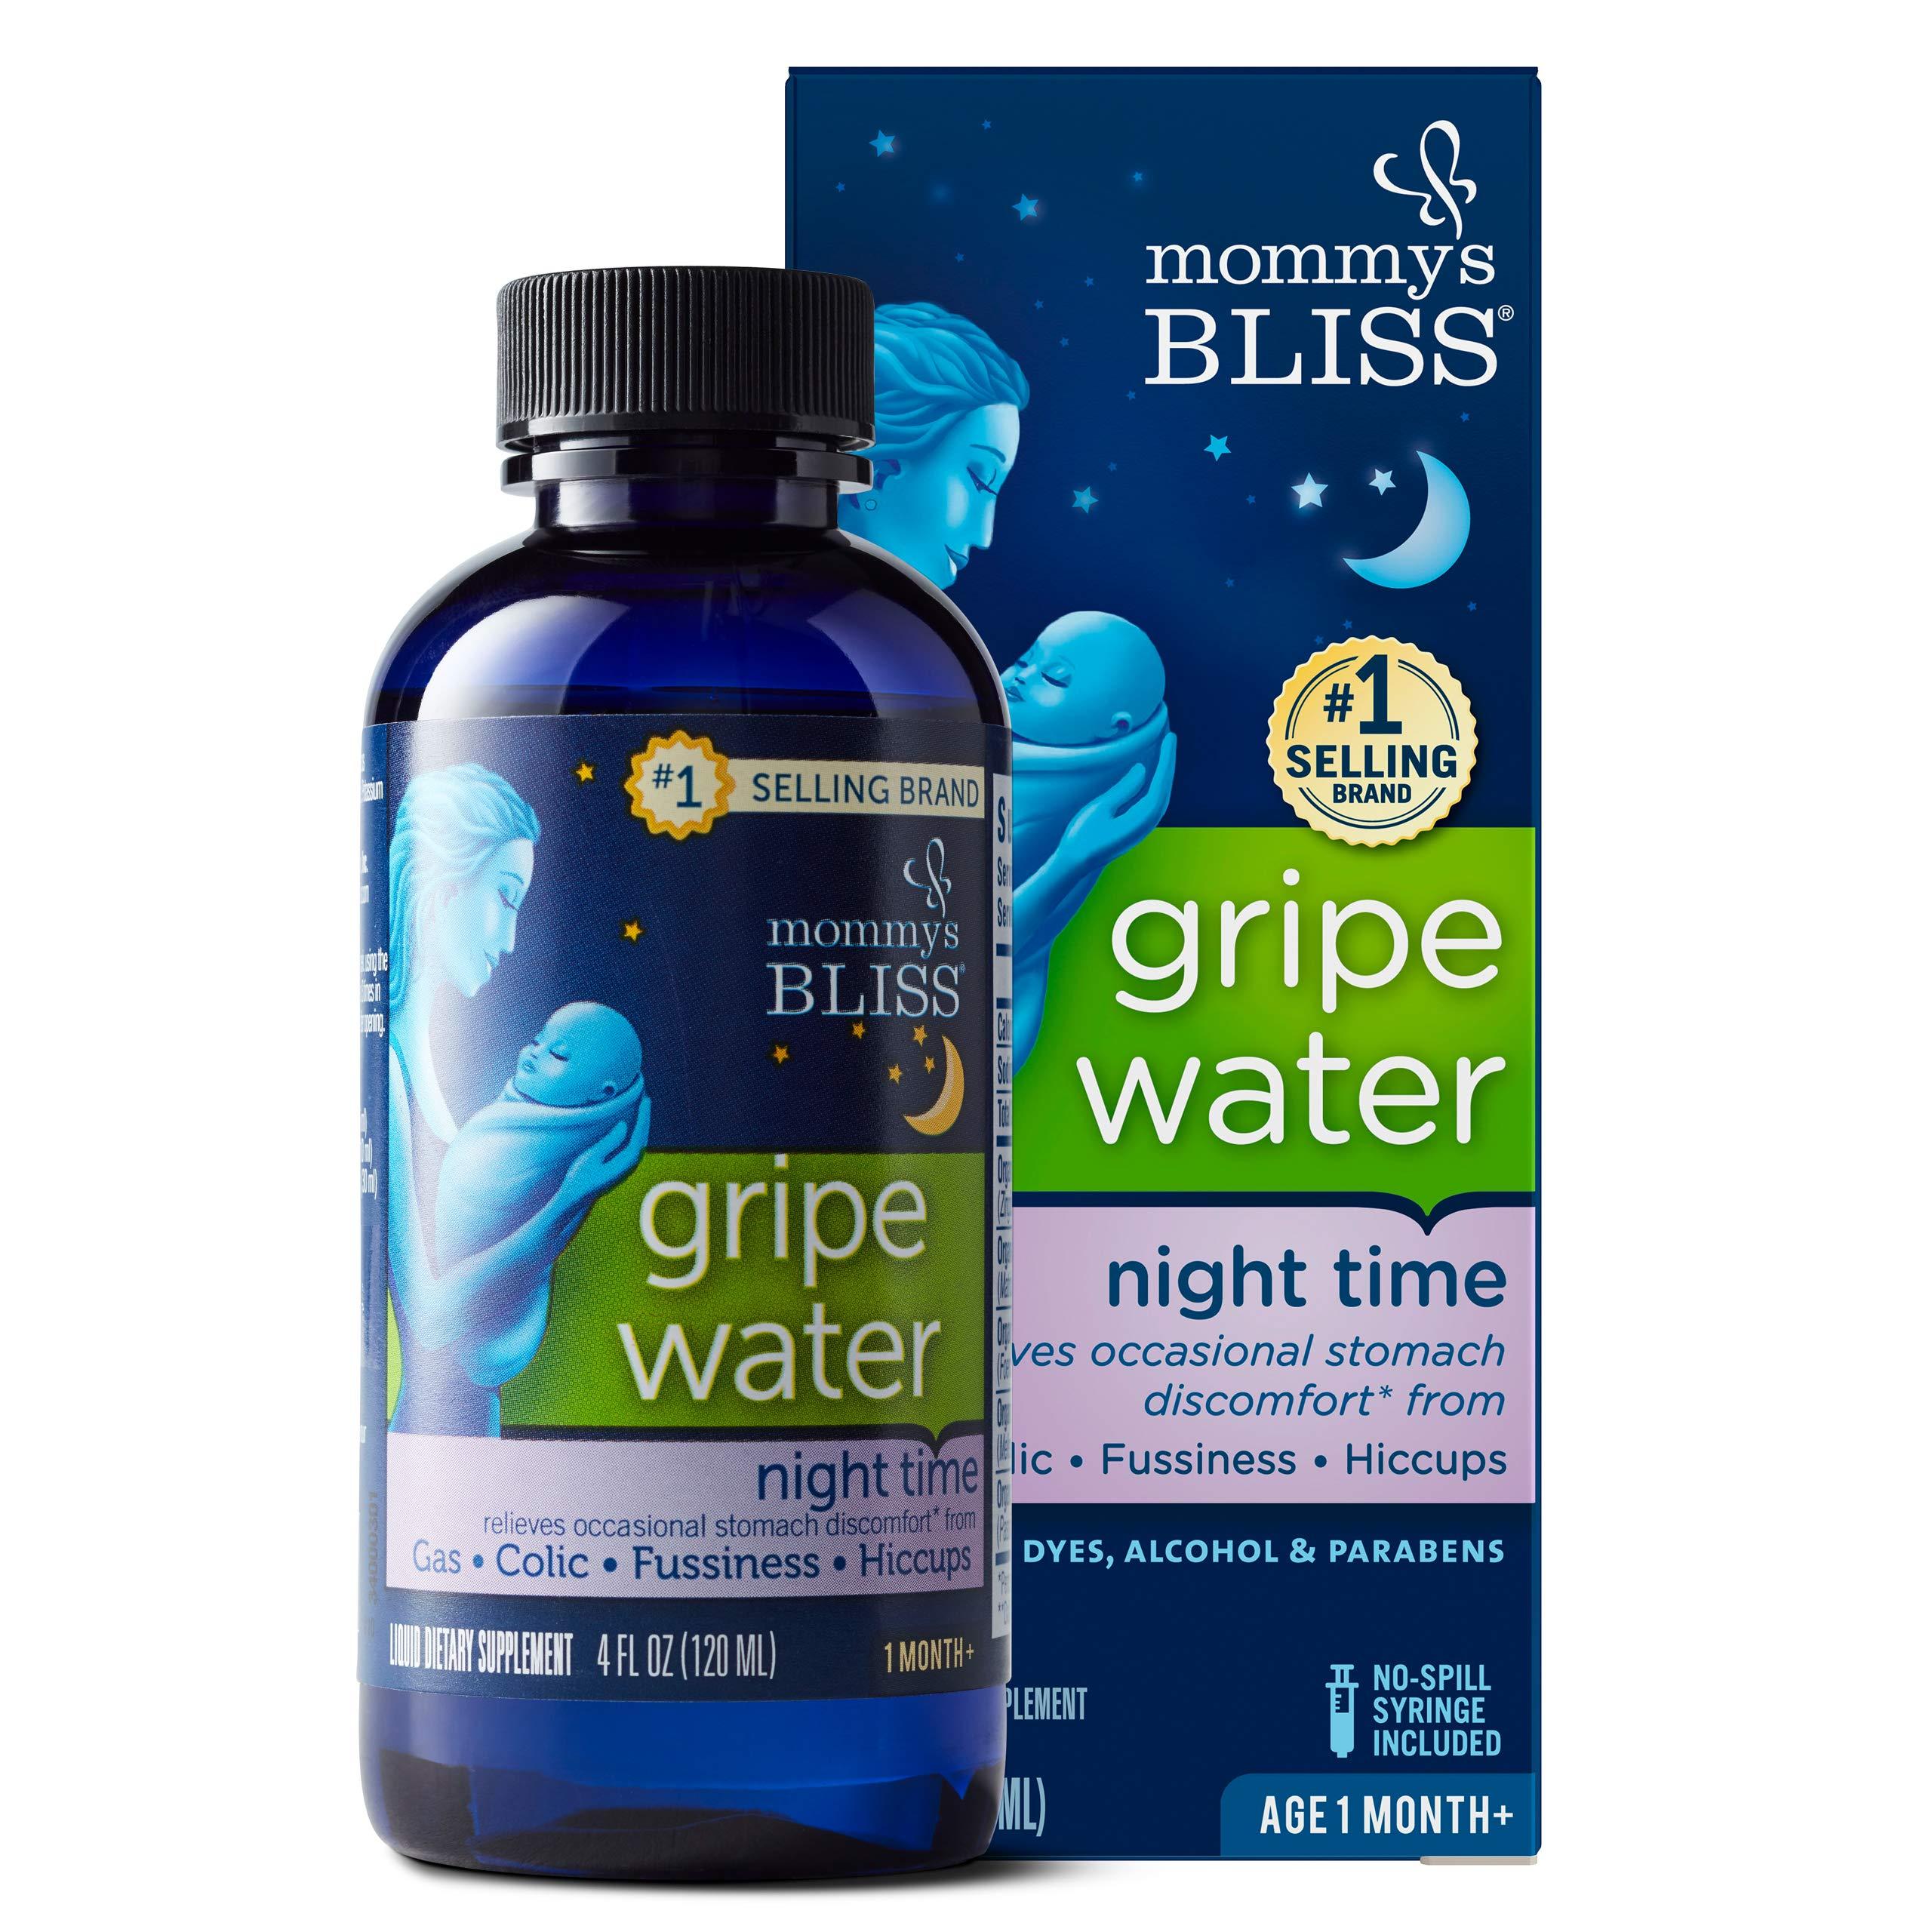 Mommy's Bliss - Gripe Water Night Time - 4 FL OZ Bottle